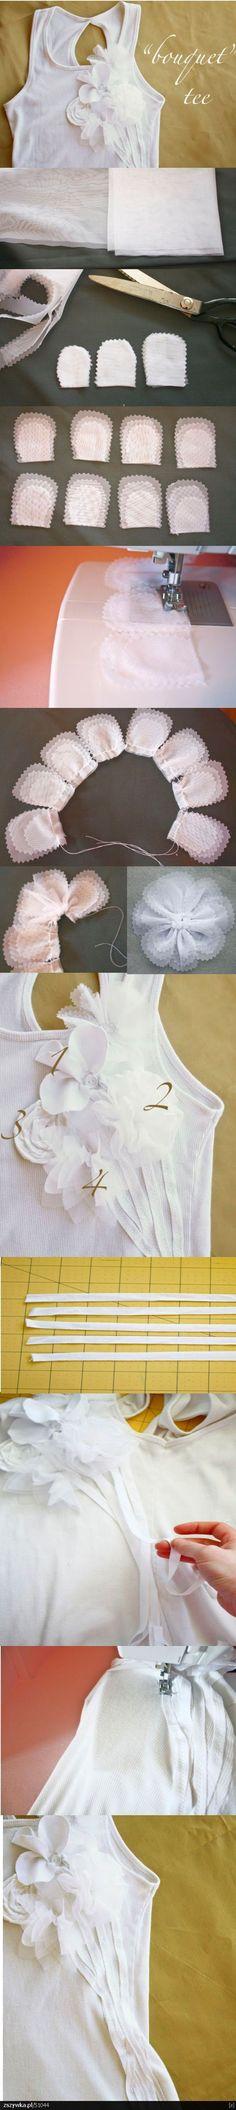 Customização de Camiseta: Bouquet de tecido